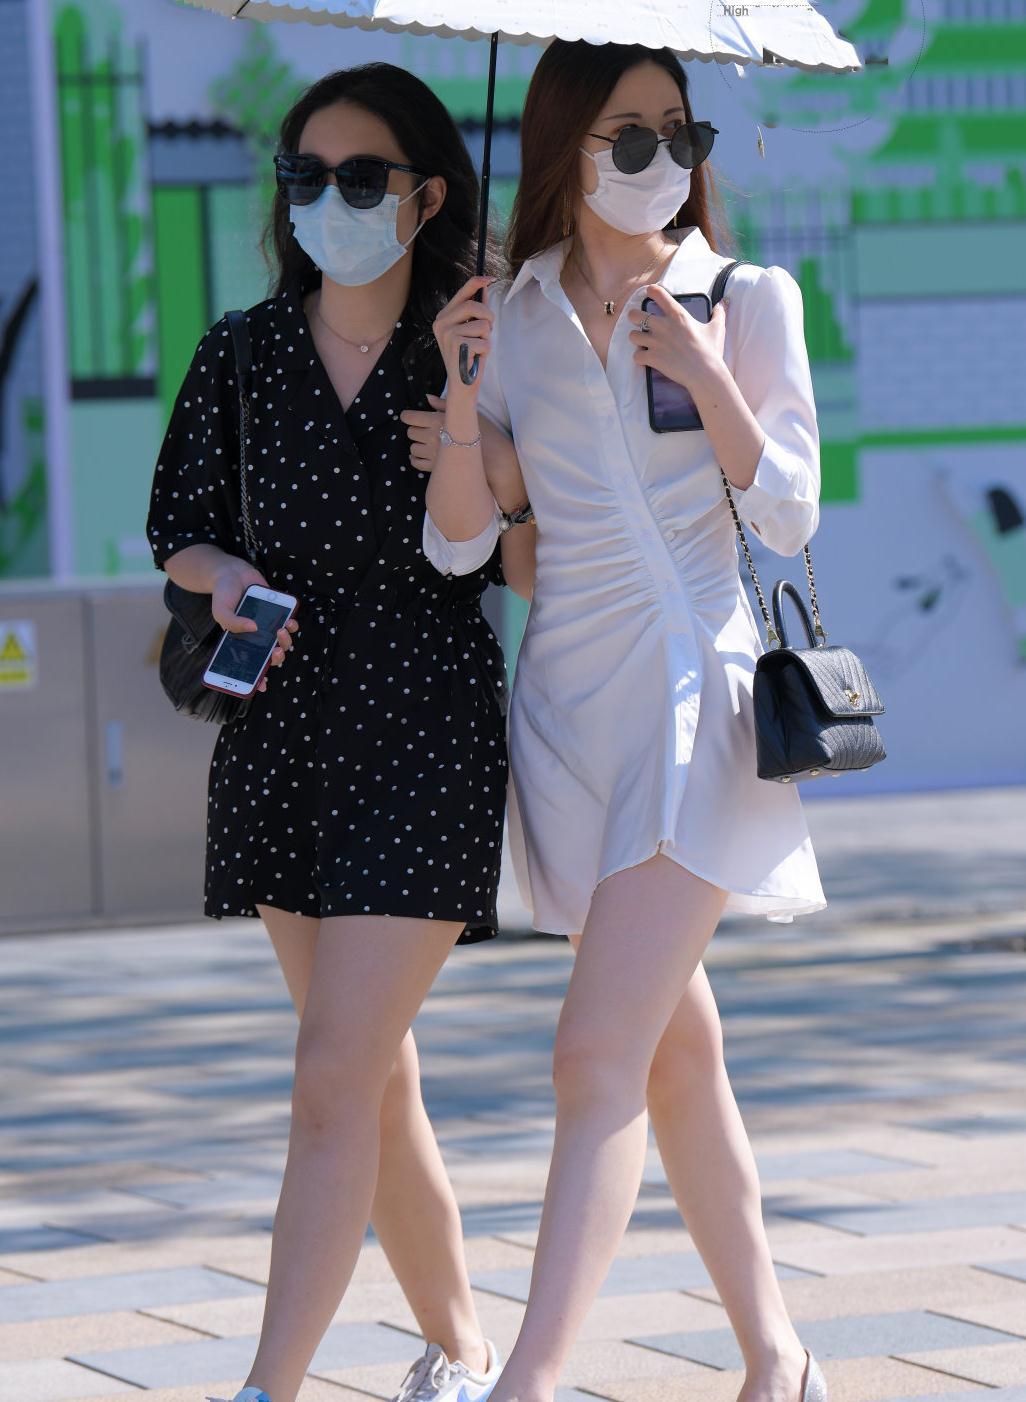 时尚街拍:时尚不仅看穿搭,夏天墨镜的装饰也很重要